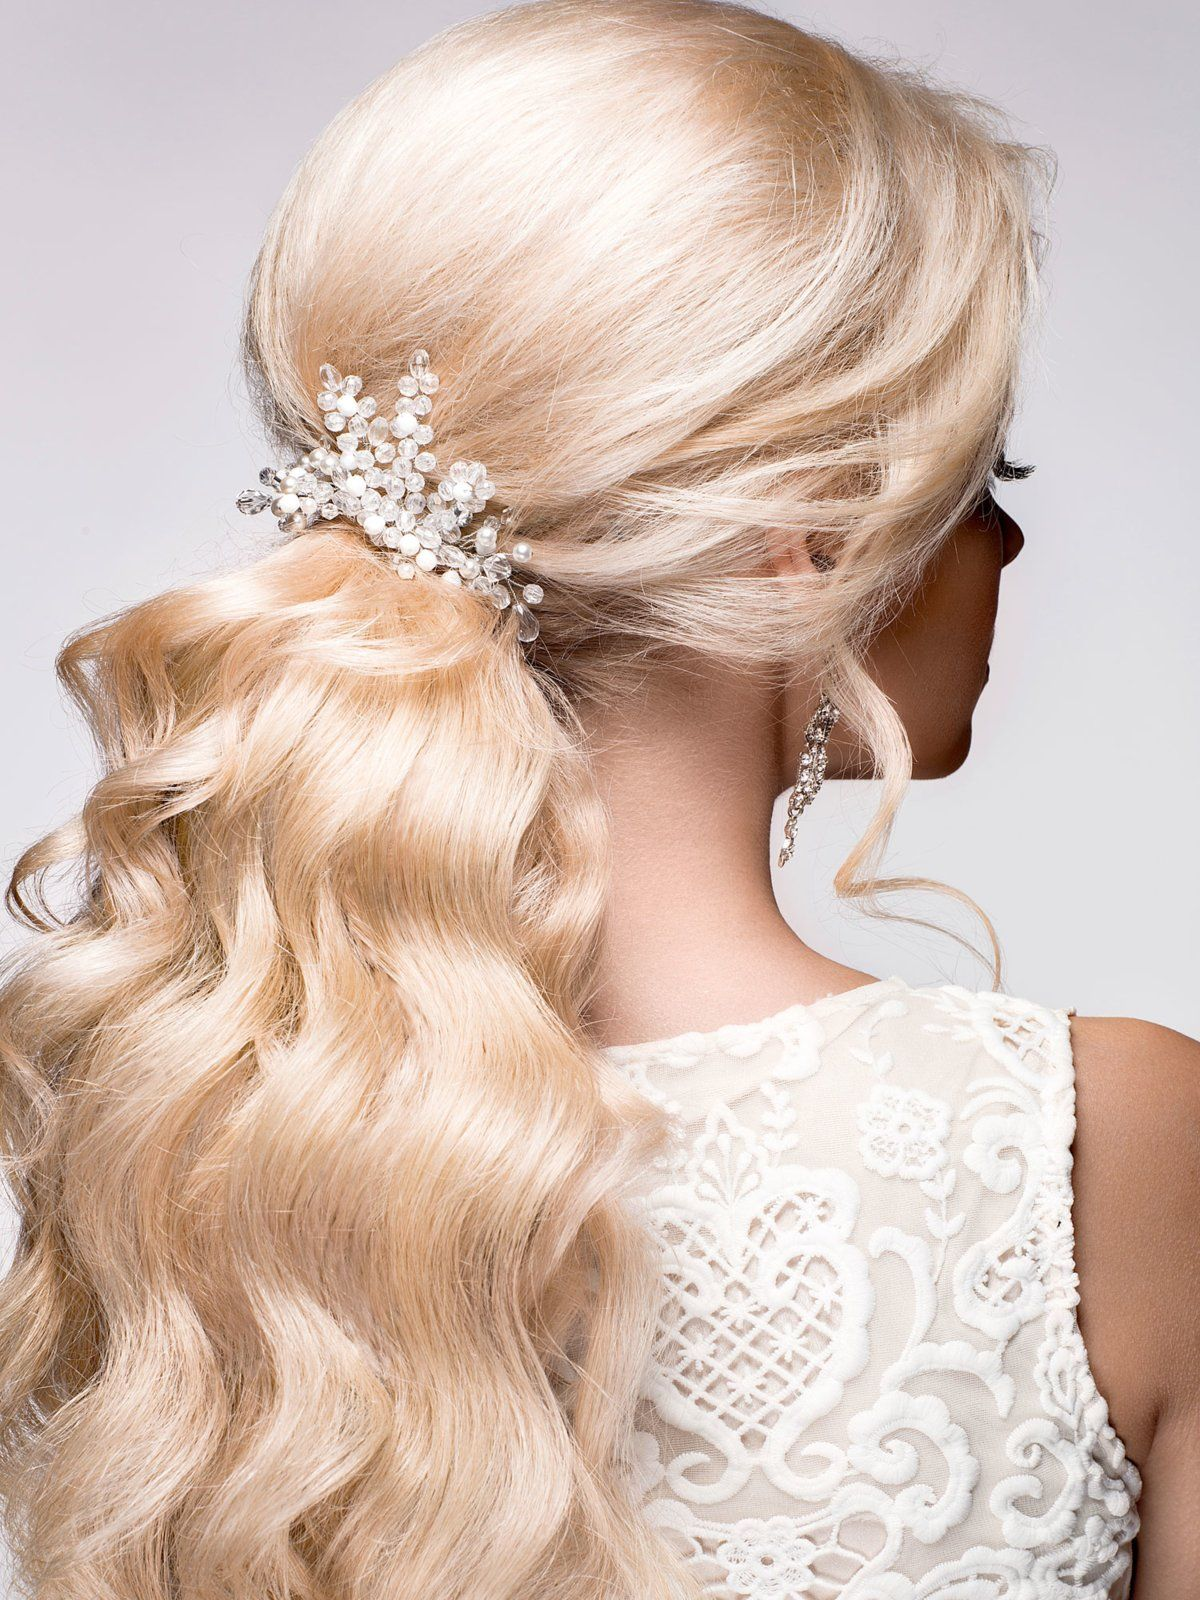 Auch Ein Haargummi Mit Kleinen Perlen Kann Eine Schlichte Frisur Zum Hingucker Machen Haargummi Haare Haar Accessoires